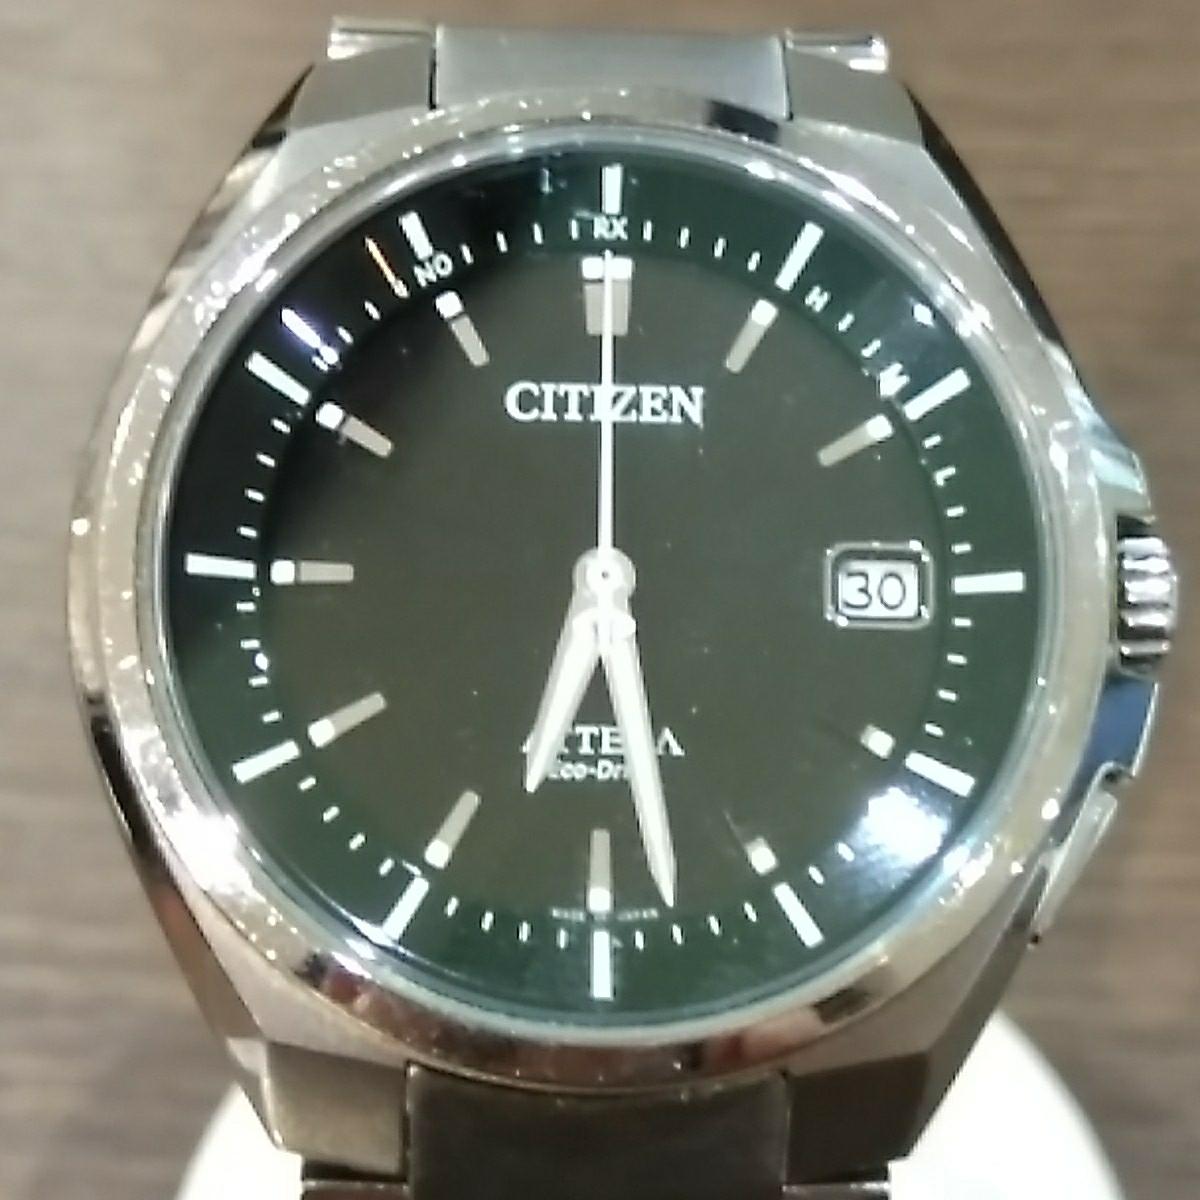 【ジャンク品(78)】CITIZEN シチズン ATTESA アテッサ Eco-Drive H110-TO16308 アナログ 3針 デイト ラジオコントロール